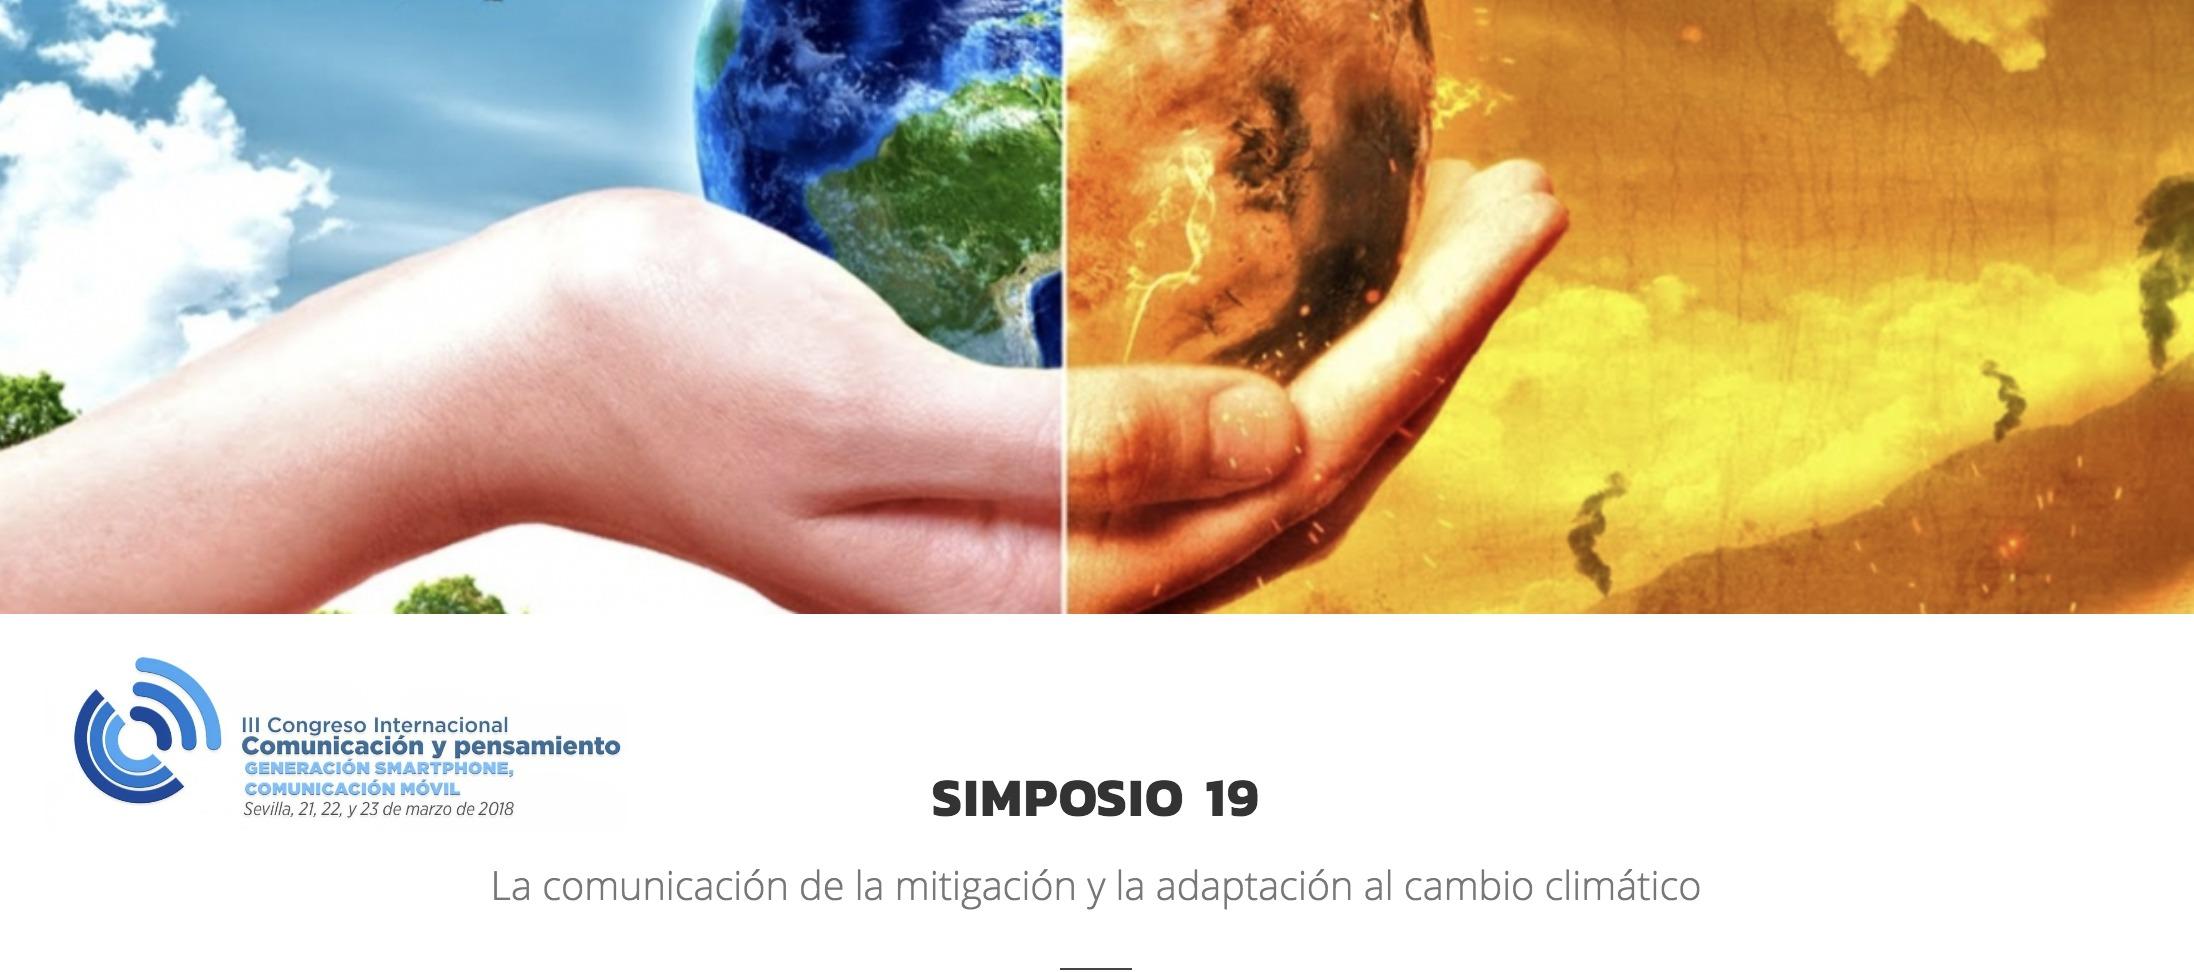 Entre las alternativas para impulsar la mitigación y adaptación al cambio climático también se cuentan el fomento de la investigación, la educación y la comunicación en este ámbito. Precisamente en estas disciplinas pone el enfoque el programa del simposio.